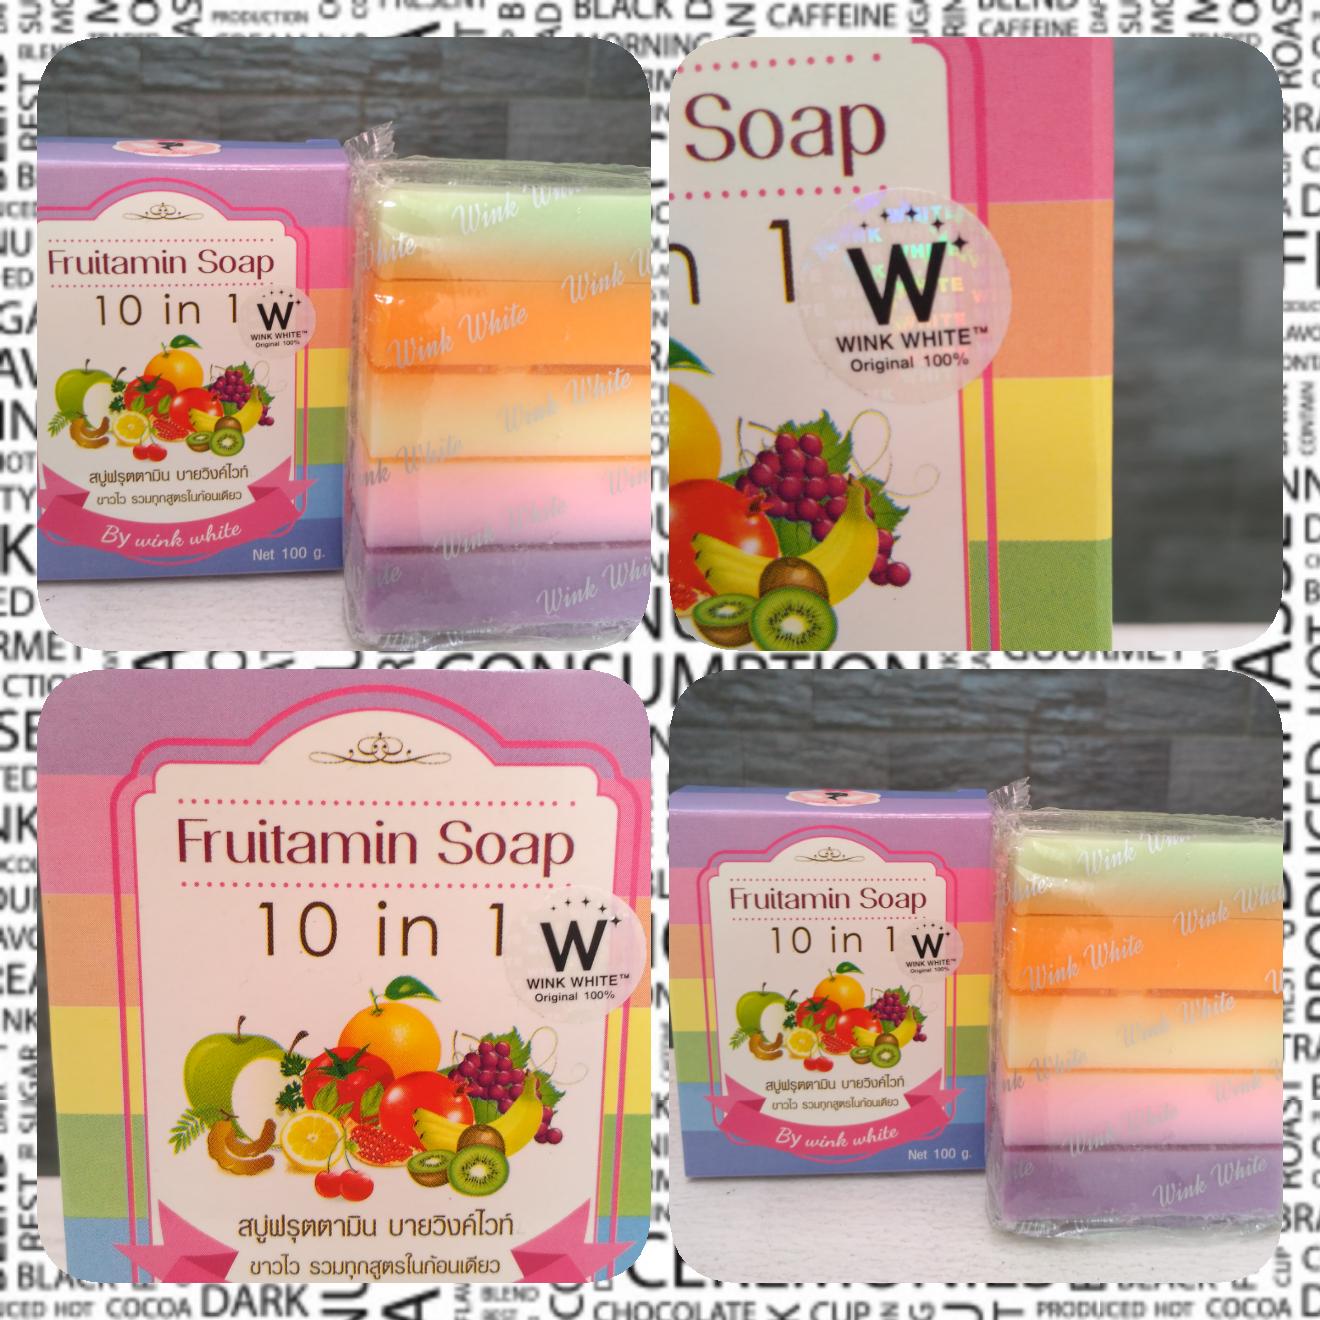 Wink White Fruitamin Soap 10 In 1 Original Thailand Sabun Rainbow Frutamin Source Jual 10in1 By Pemutih Jakarta Cosmetic2